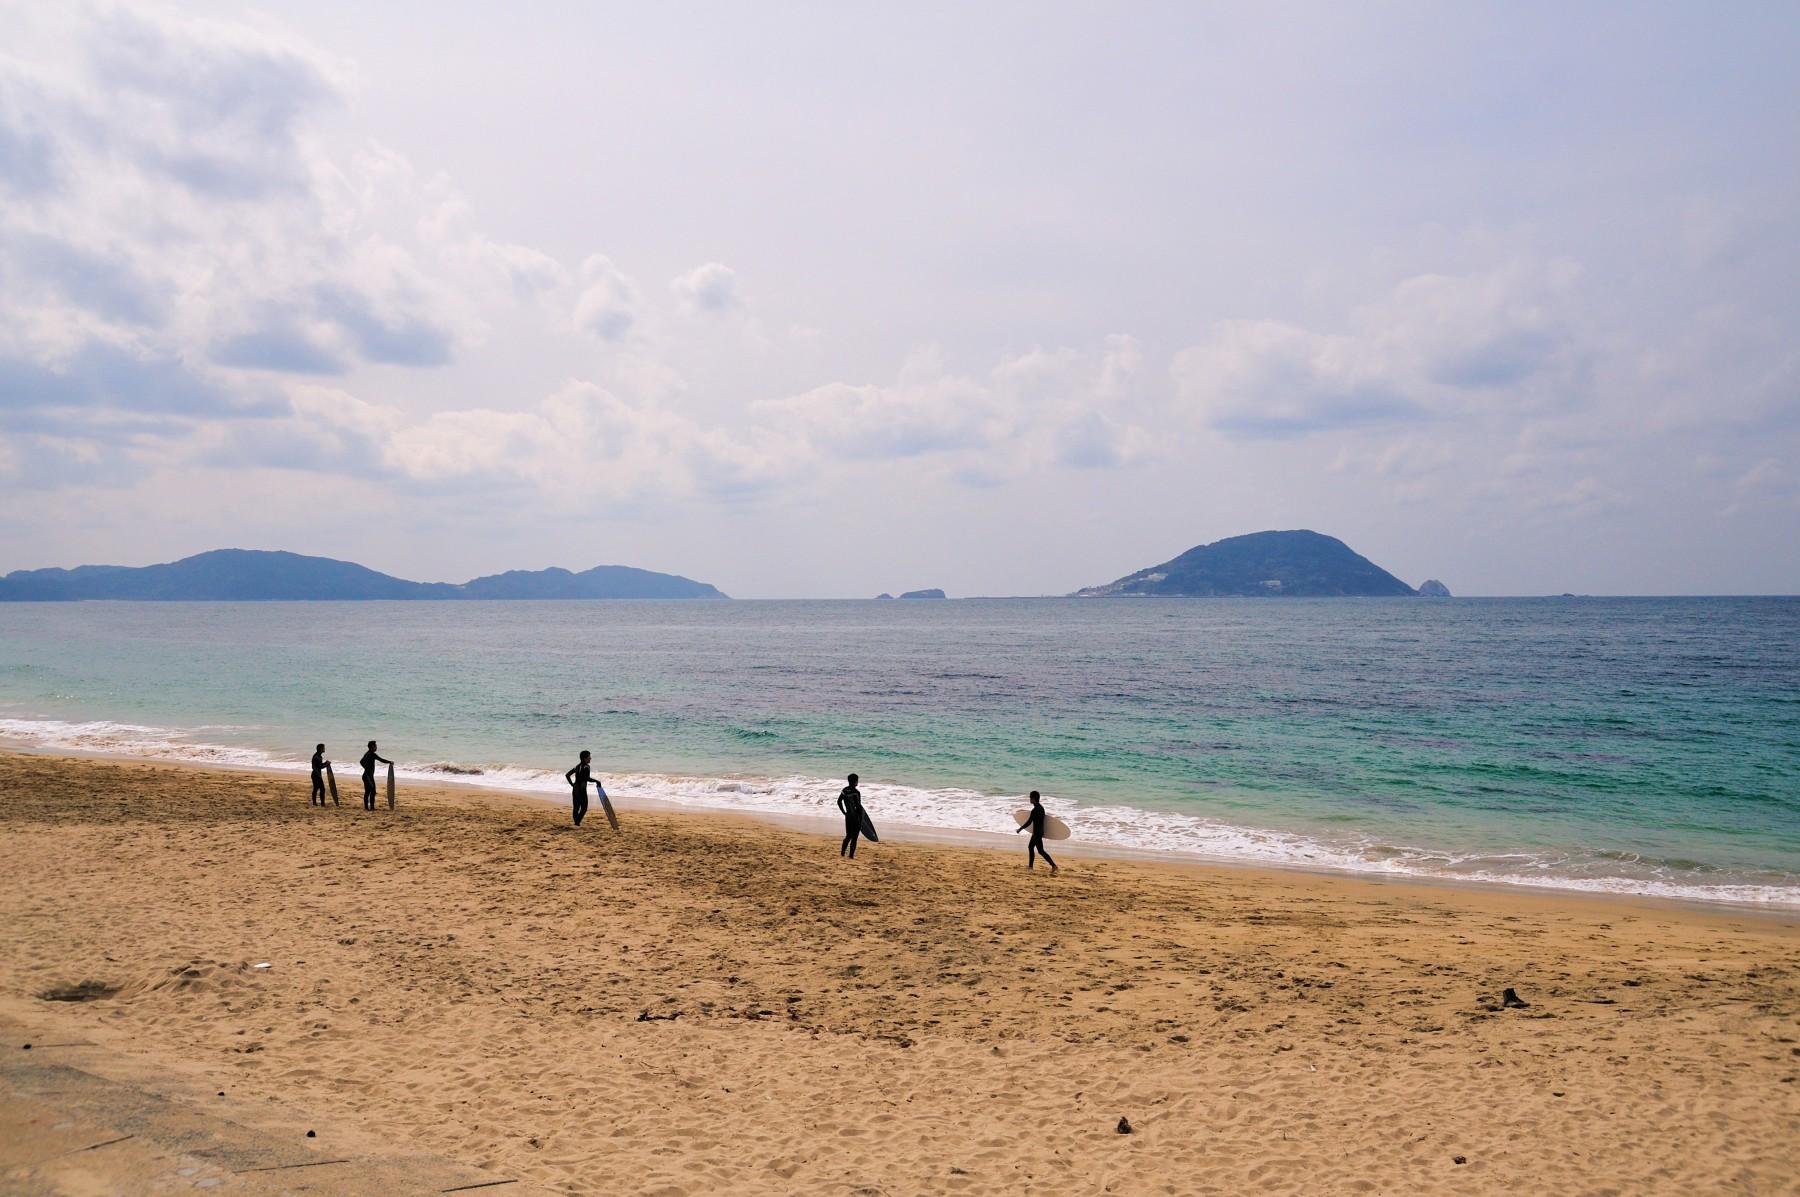 志賀島・勝馬海岸(2009)の画像